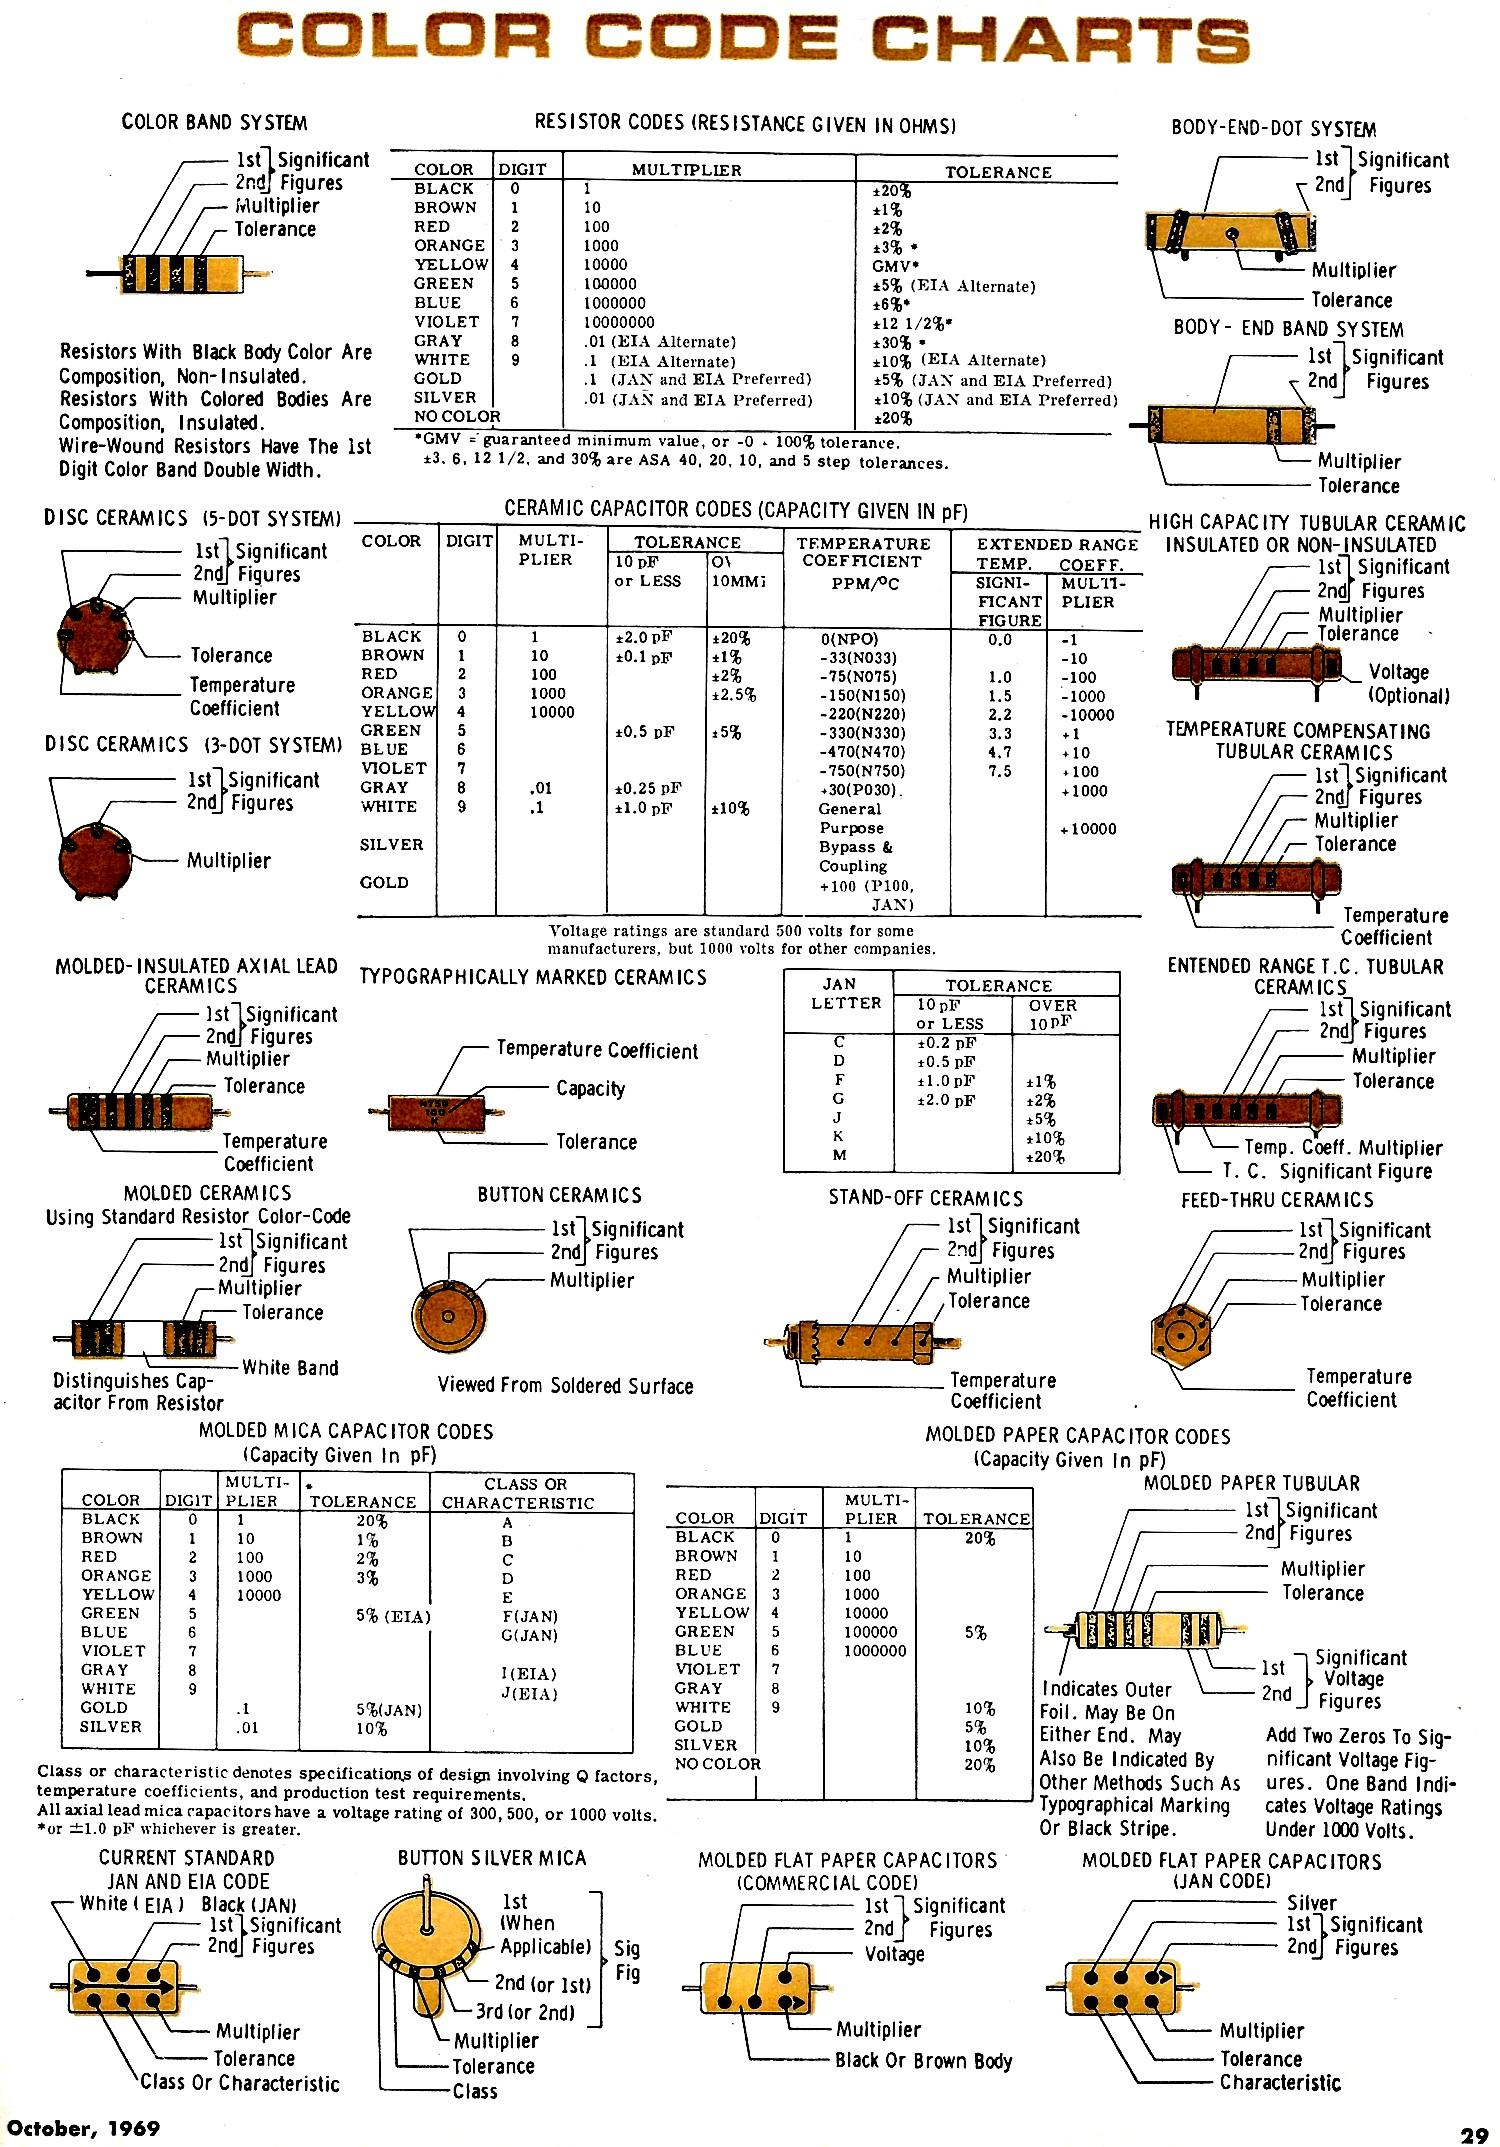 Code charts october 1969 electronics world rf cafe color code charts october 1969 electronics world rf cafe nvjuhfo Choice Image